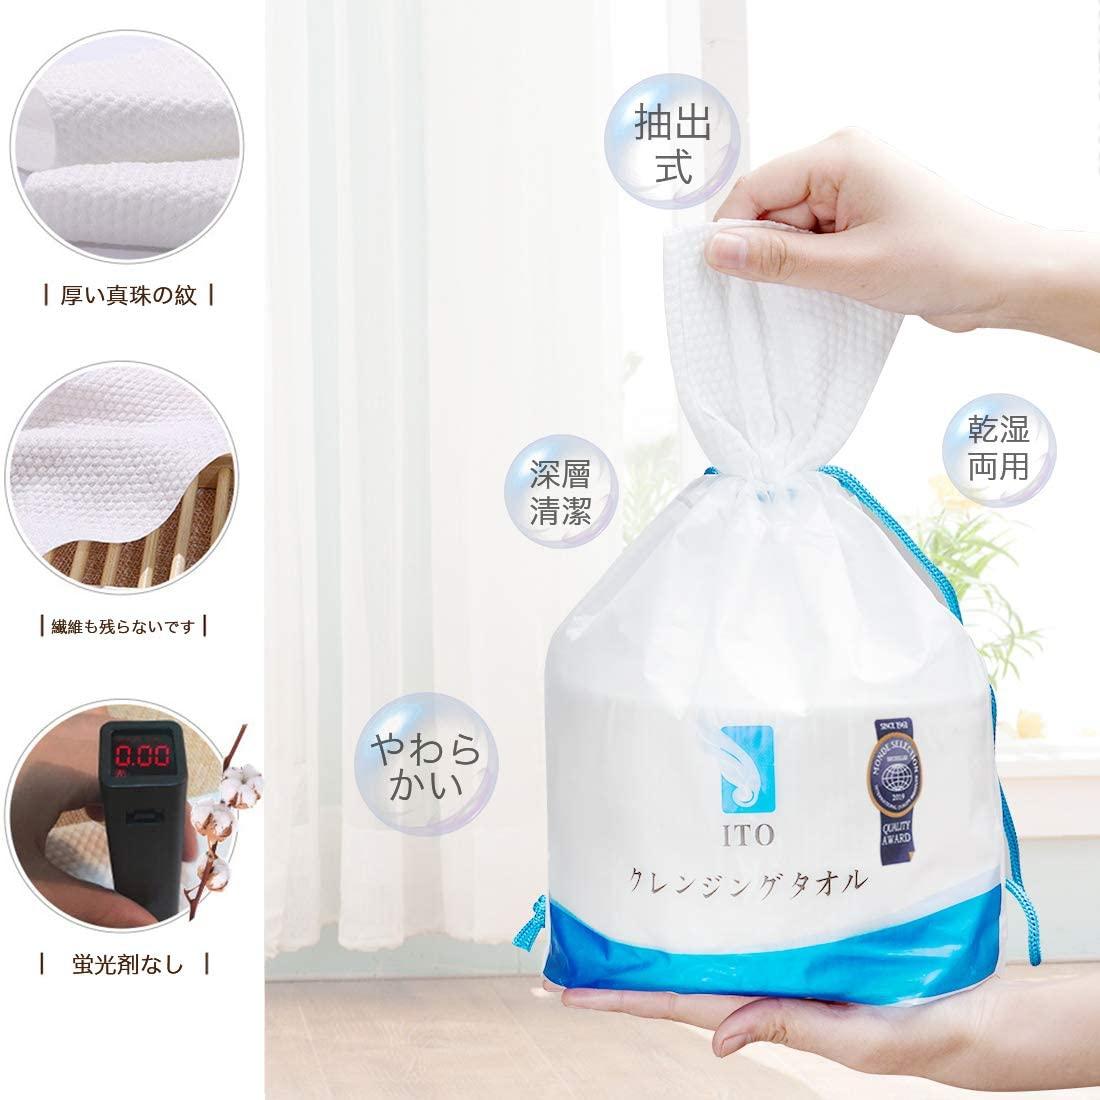 ITO(アィティーオー)クレンジングタオルの商品画像4